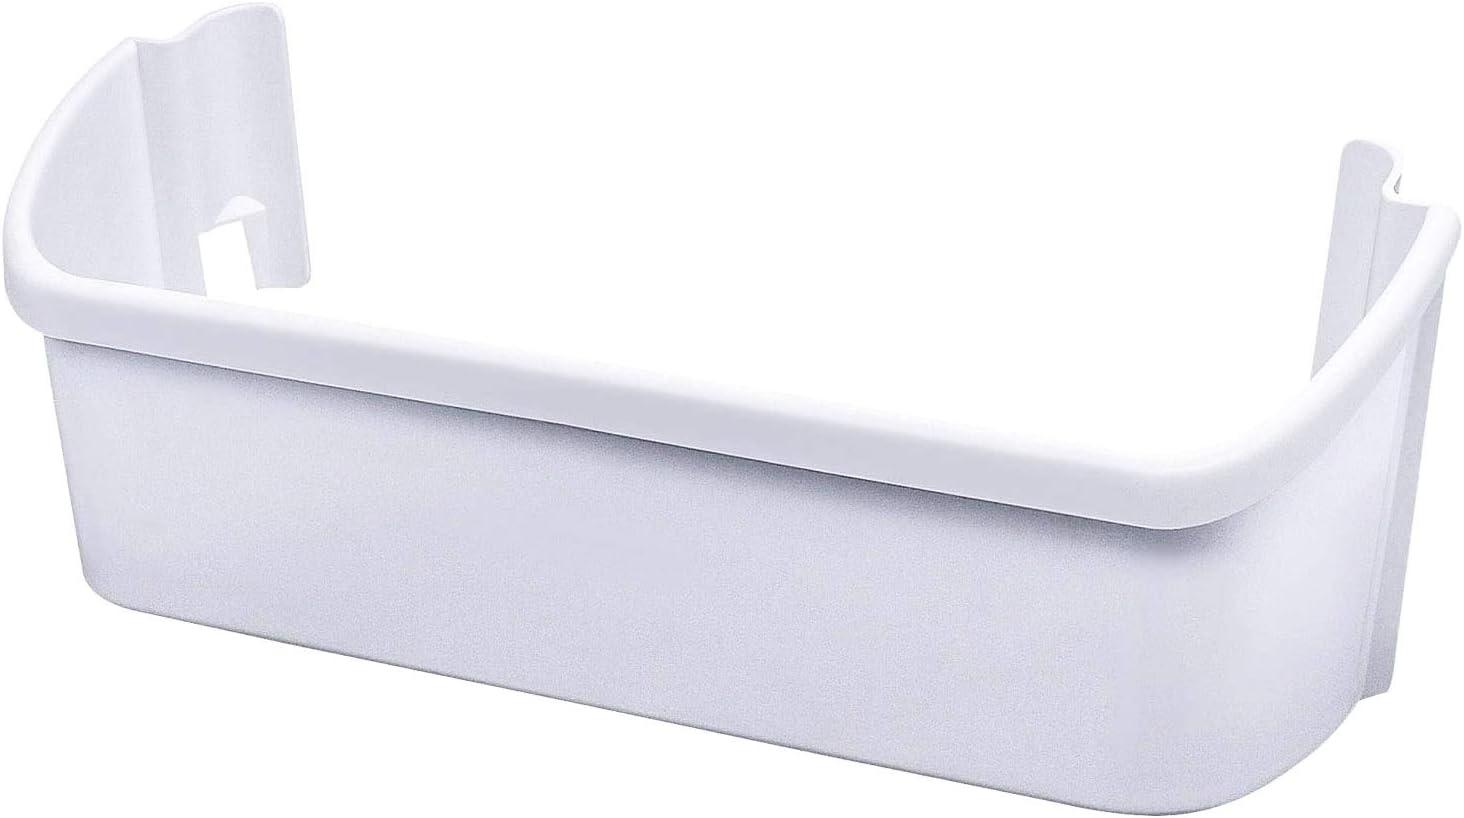 UpStart Components Brand 240323001 Refrigerator Door Bin Replacement for Frigidaire FFUS2613LS0 Refrigerator Compatible with 240323001 White Door Bin